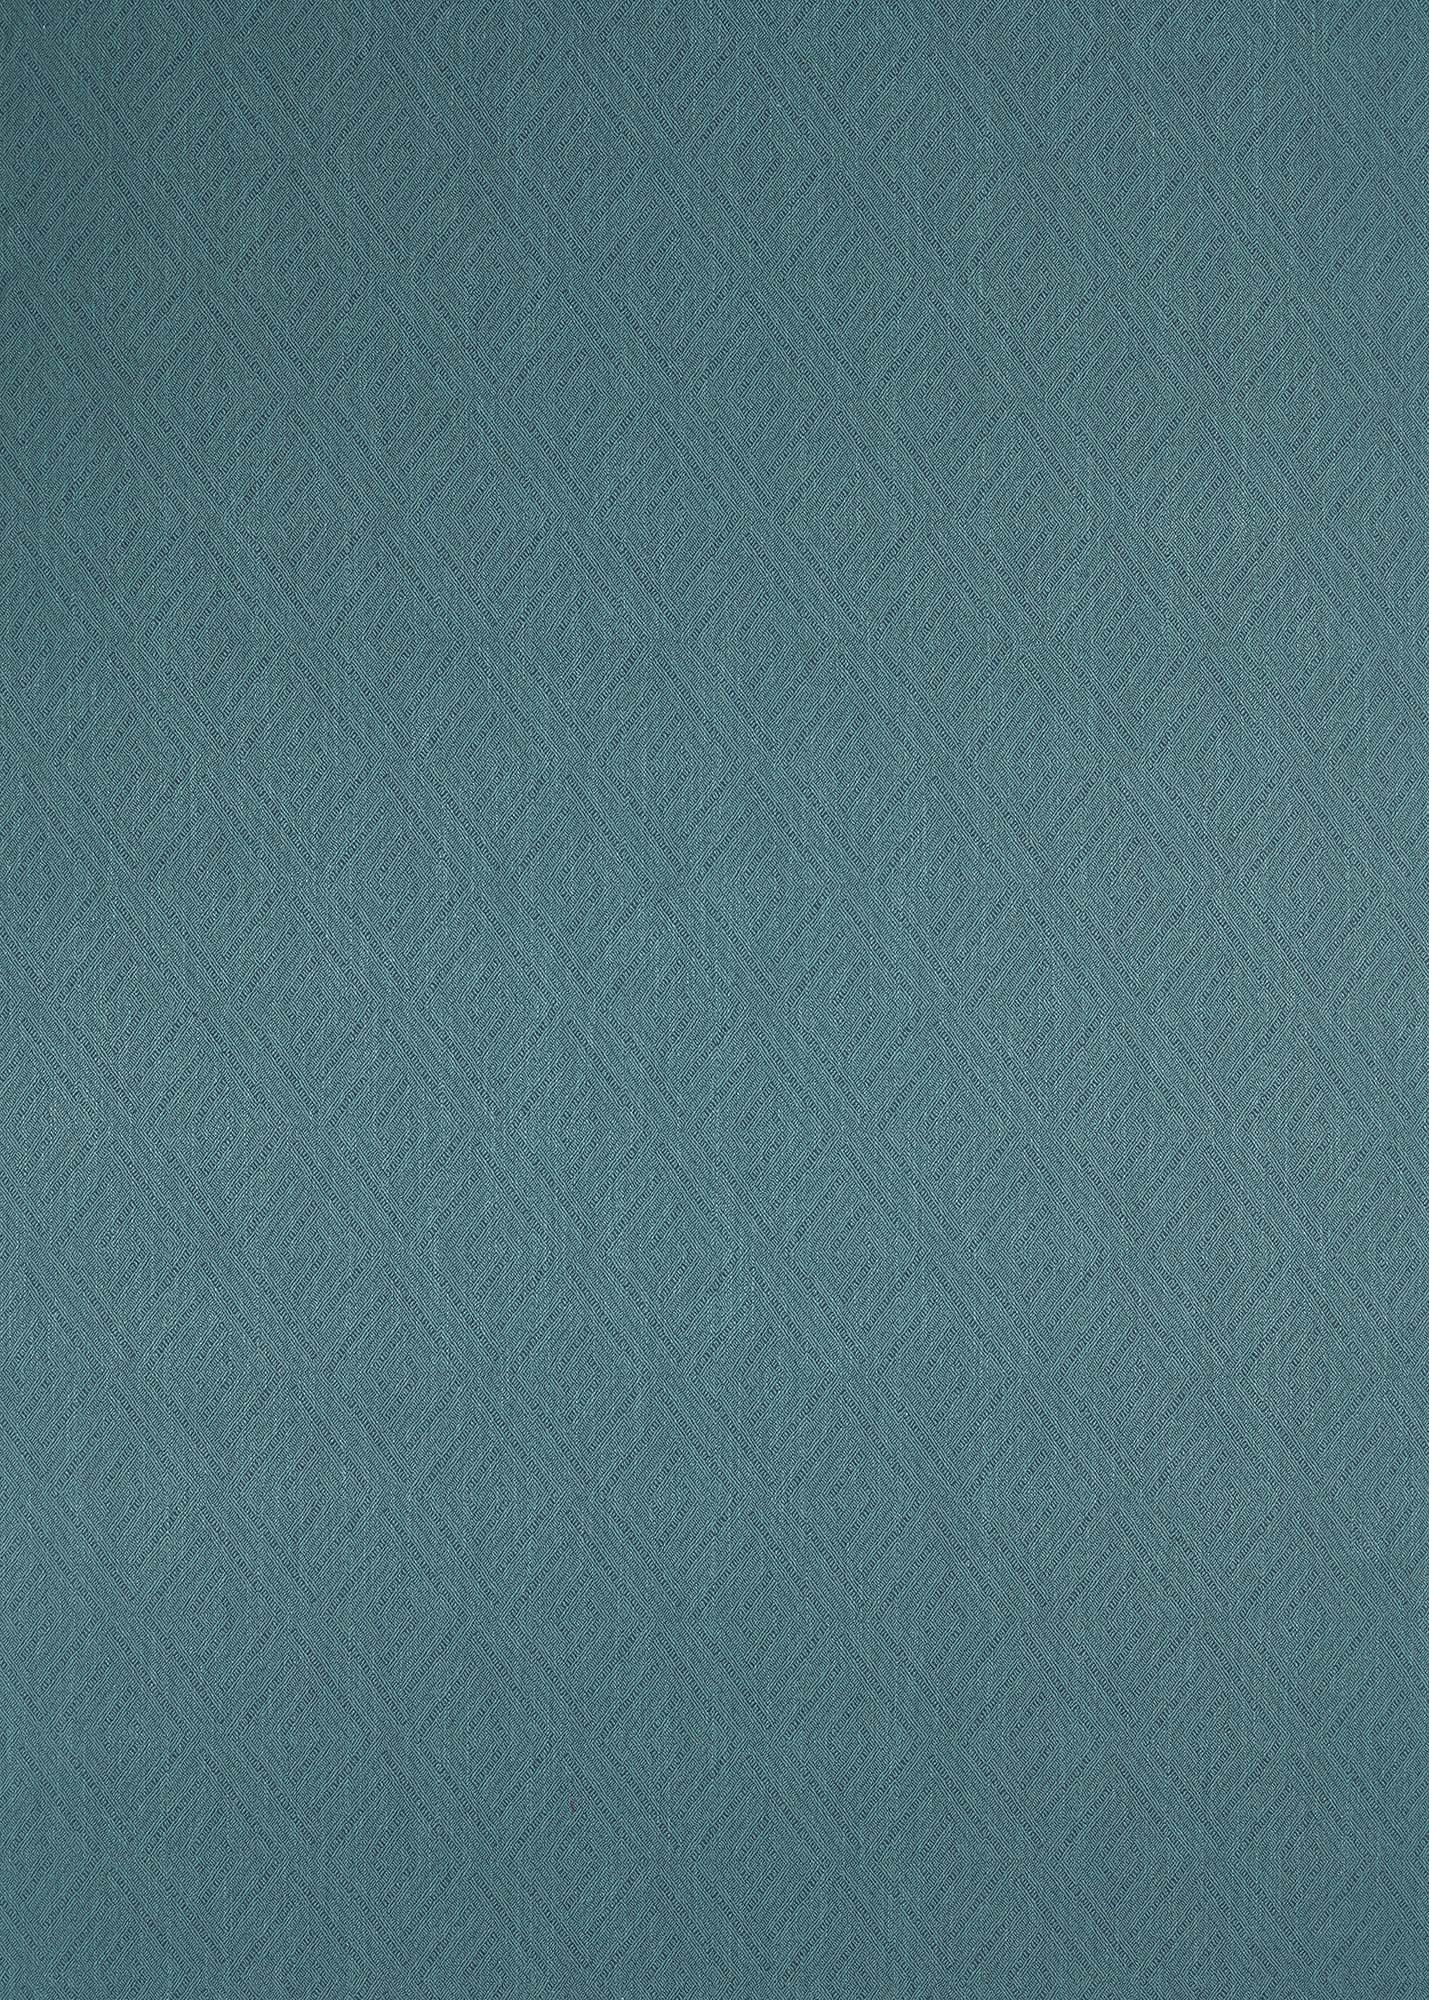 ウィリアムモリス生地 Lethaby Weave 236832